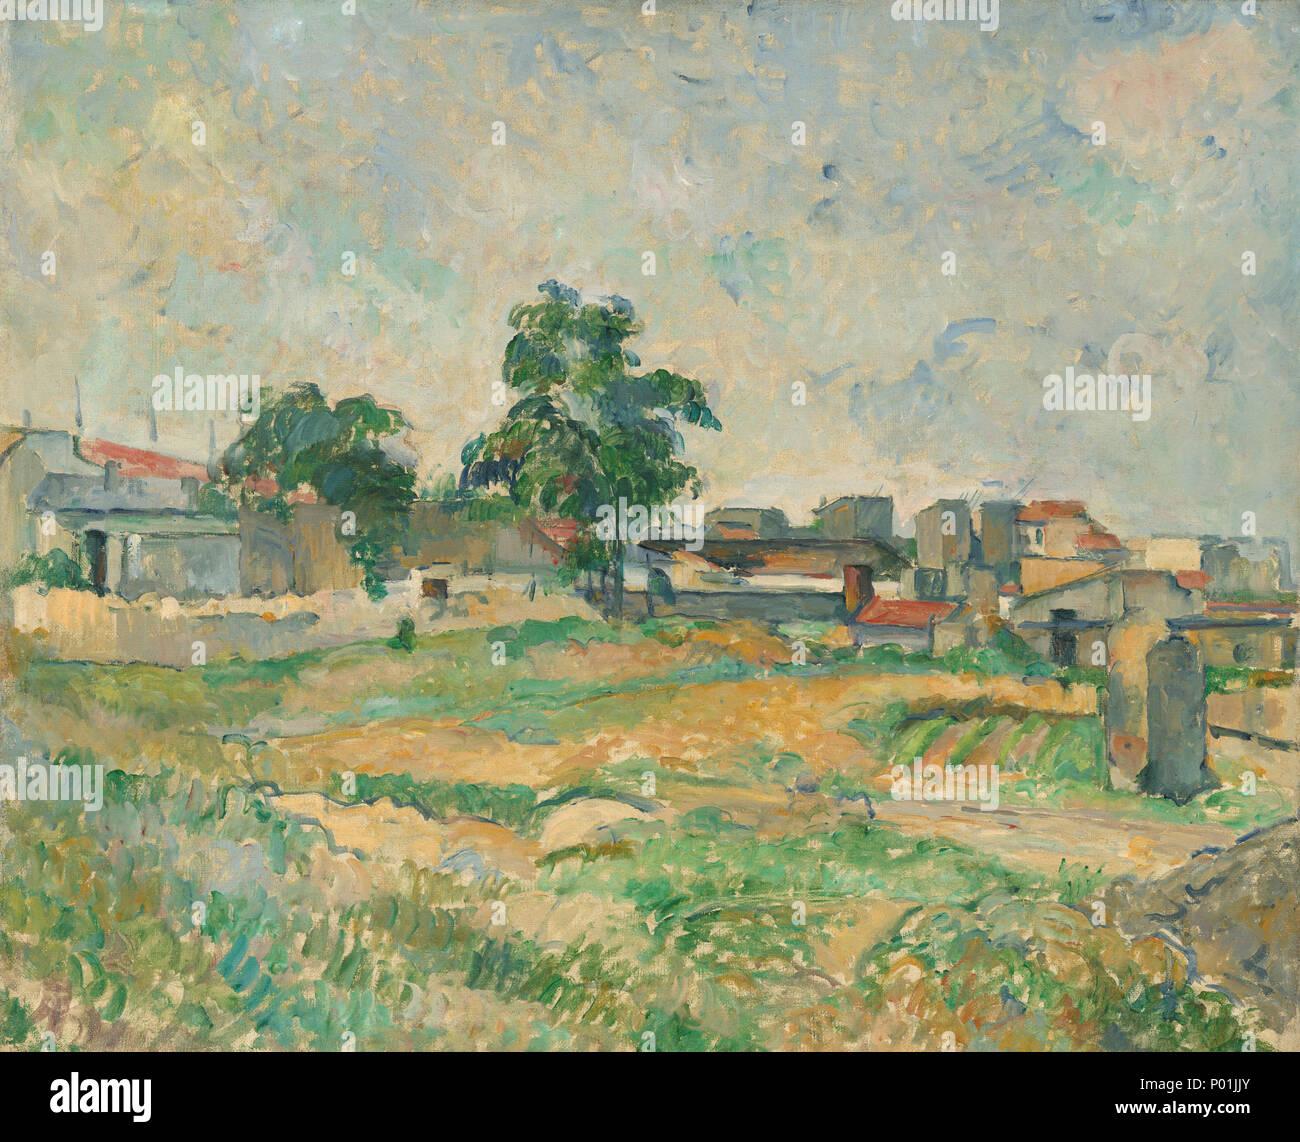 Malerei; Öl auf Leinwand; gesamt: 50,2 x 60 cm (19 3/4 x 23 5/8 in.) gerahmt: 70,5 x 81,3 cm (27 3/4 x 32 in.); 14 Landschaft in der Nähe von Paris ein -5210305 Stockbild